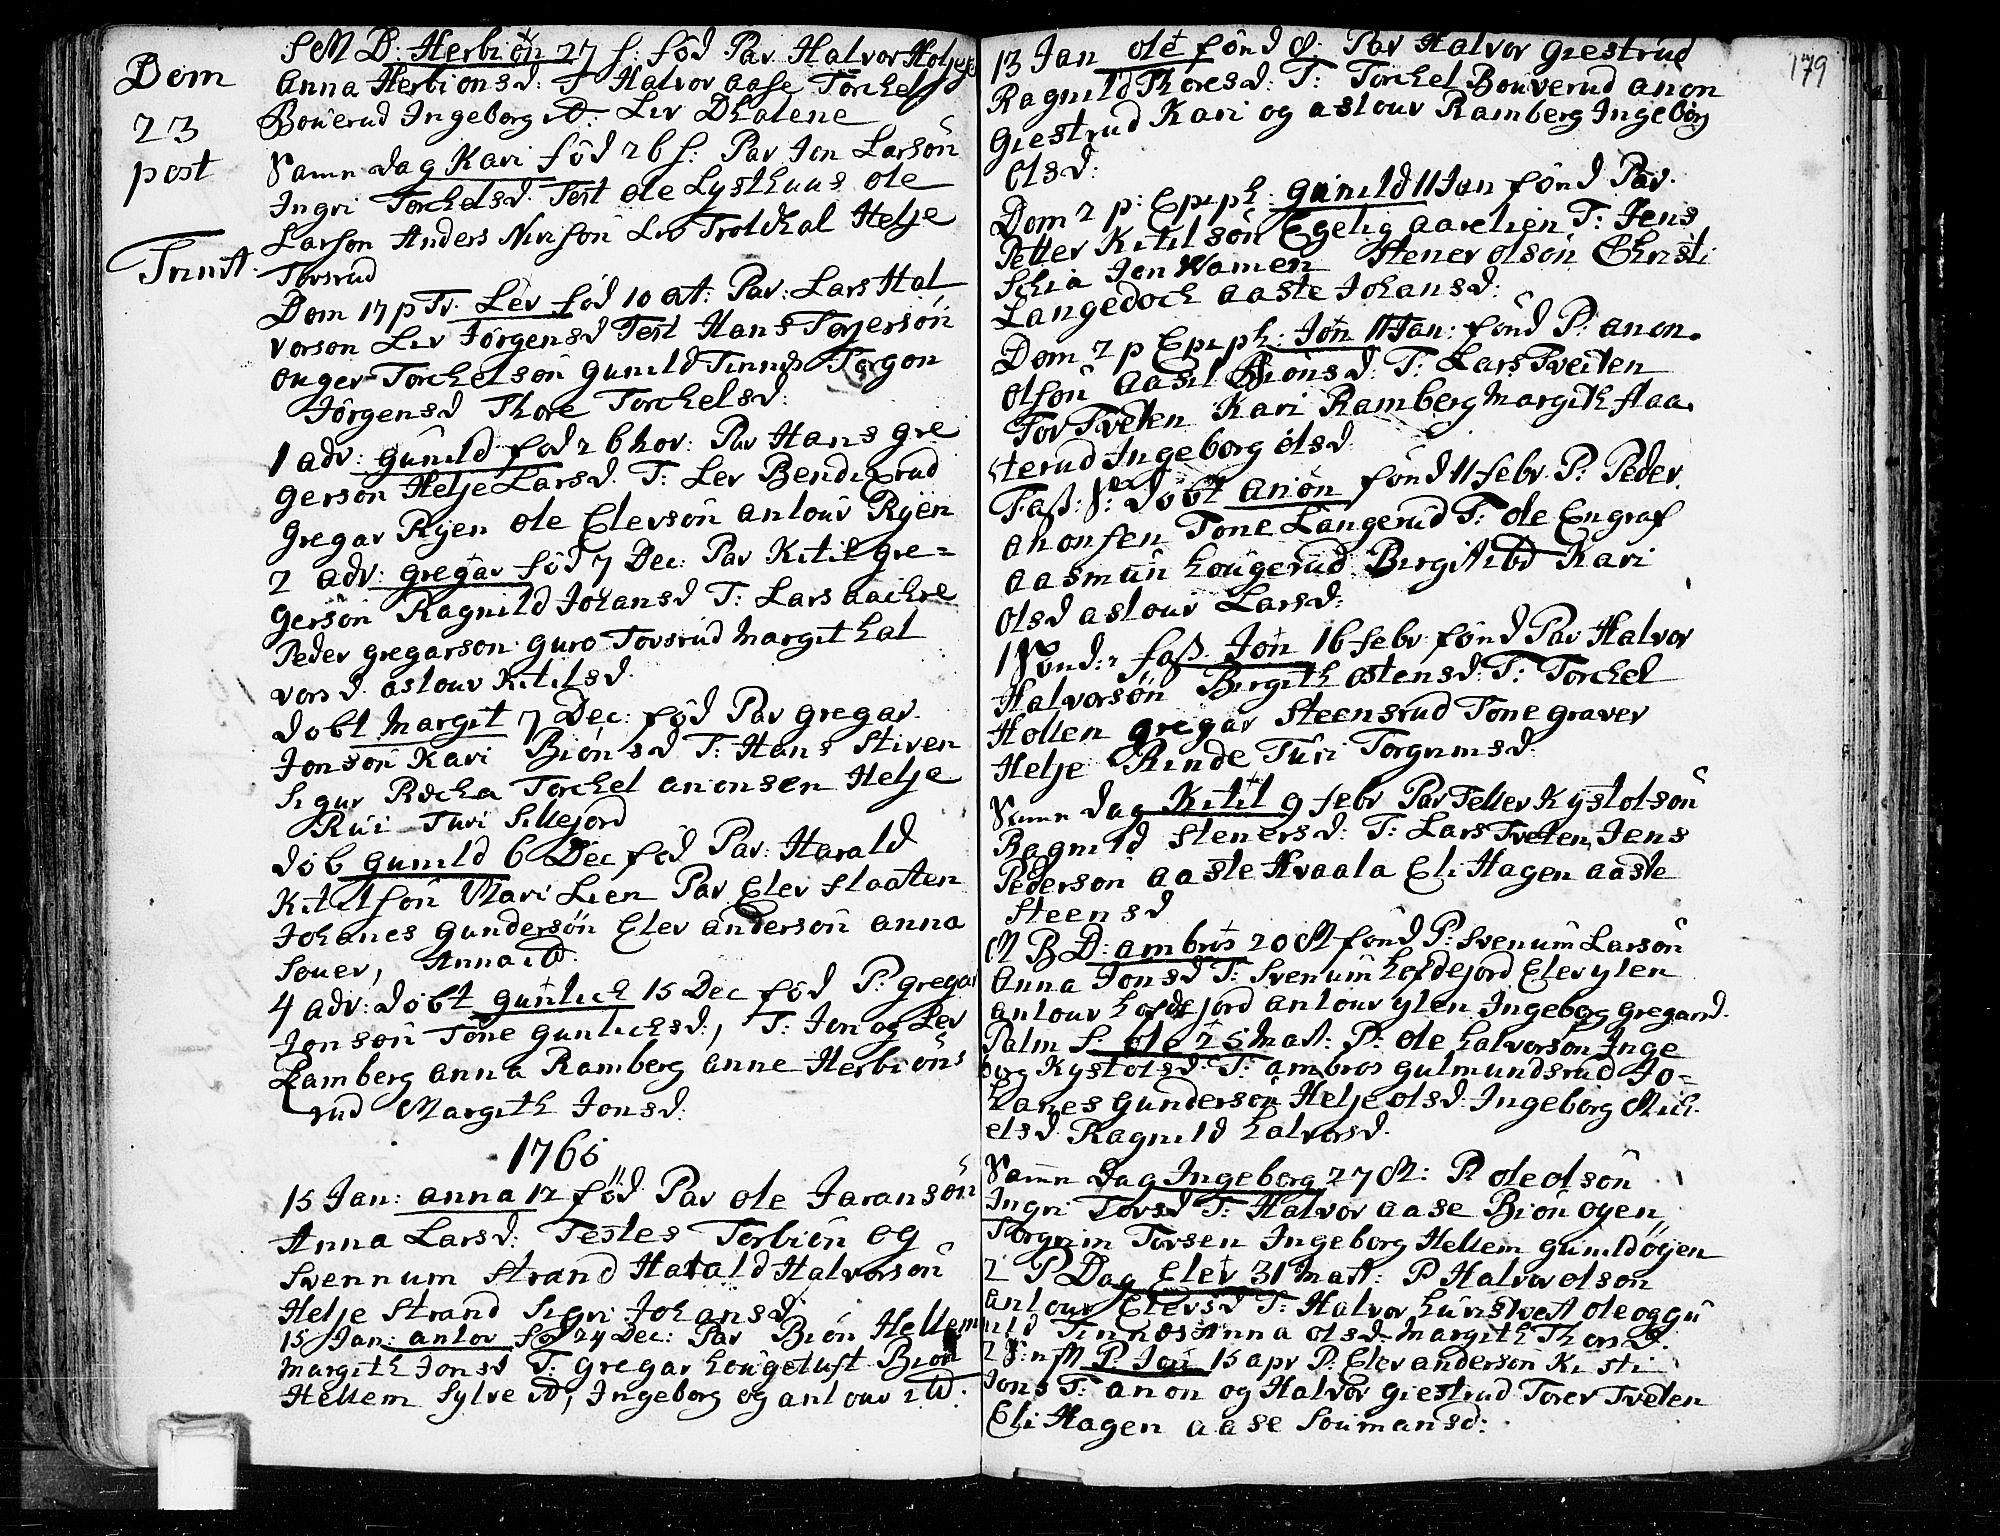 SAKO, Heddal kirkebøker, F/Fa/L0003: Ministerialbok nr. I 3, 1723-1783, s. 179